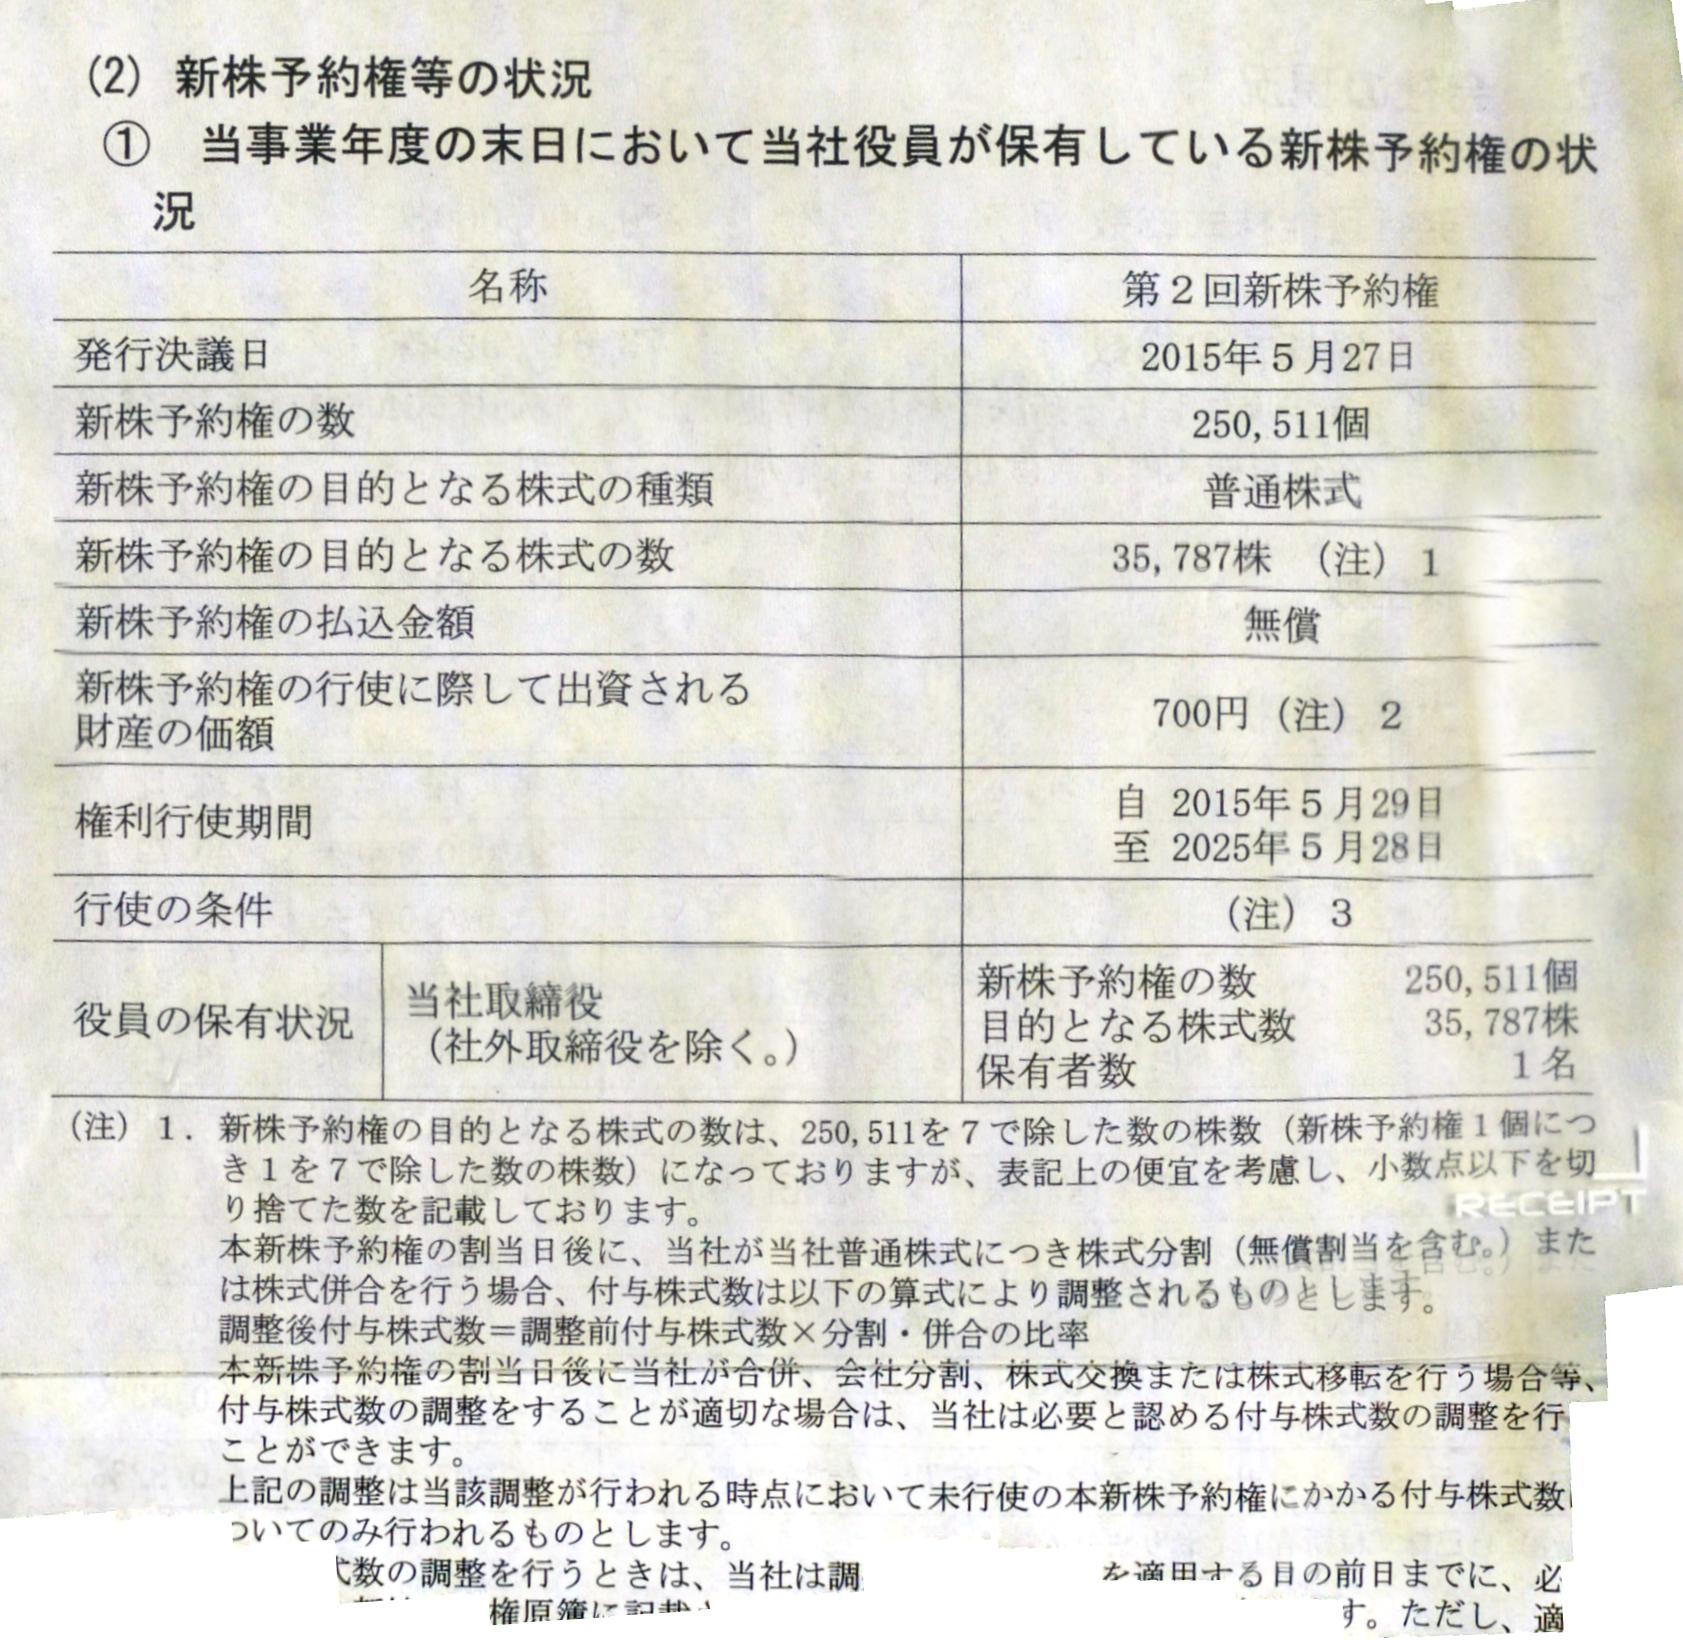 ベルシステム24役員株価報酬